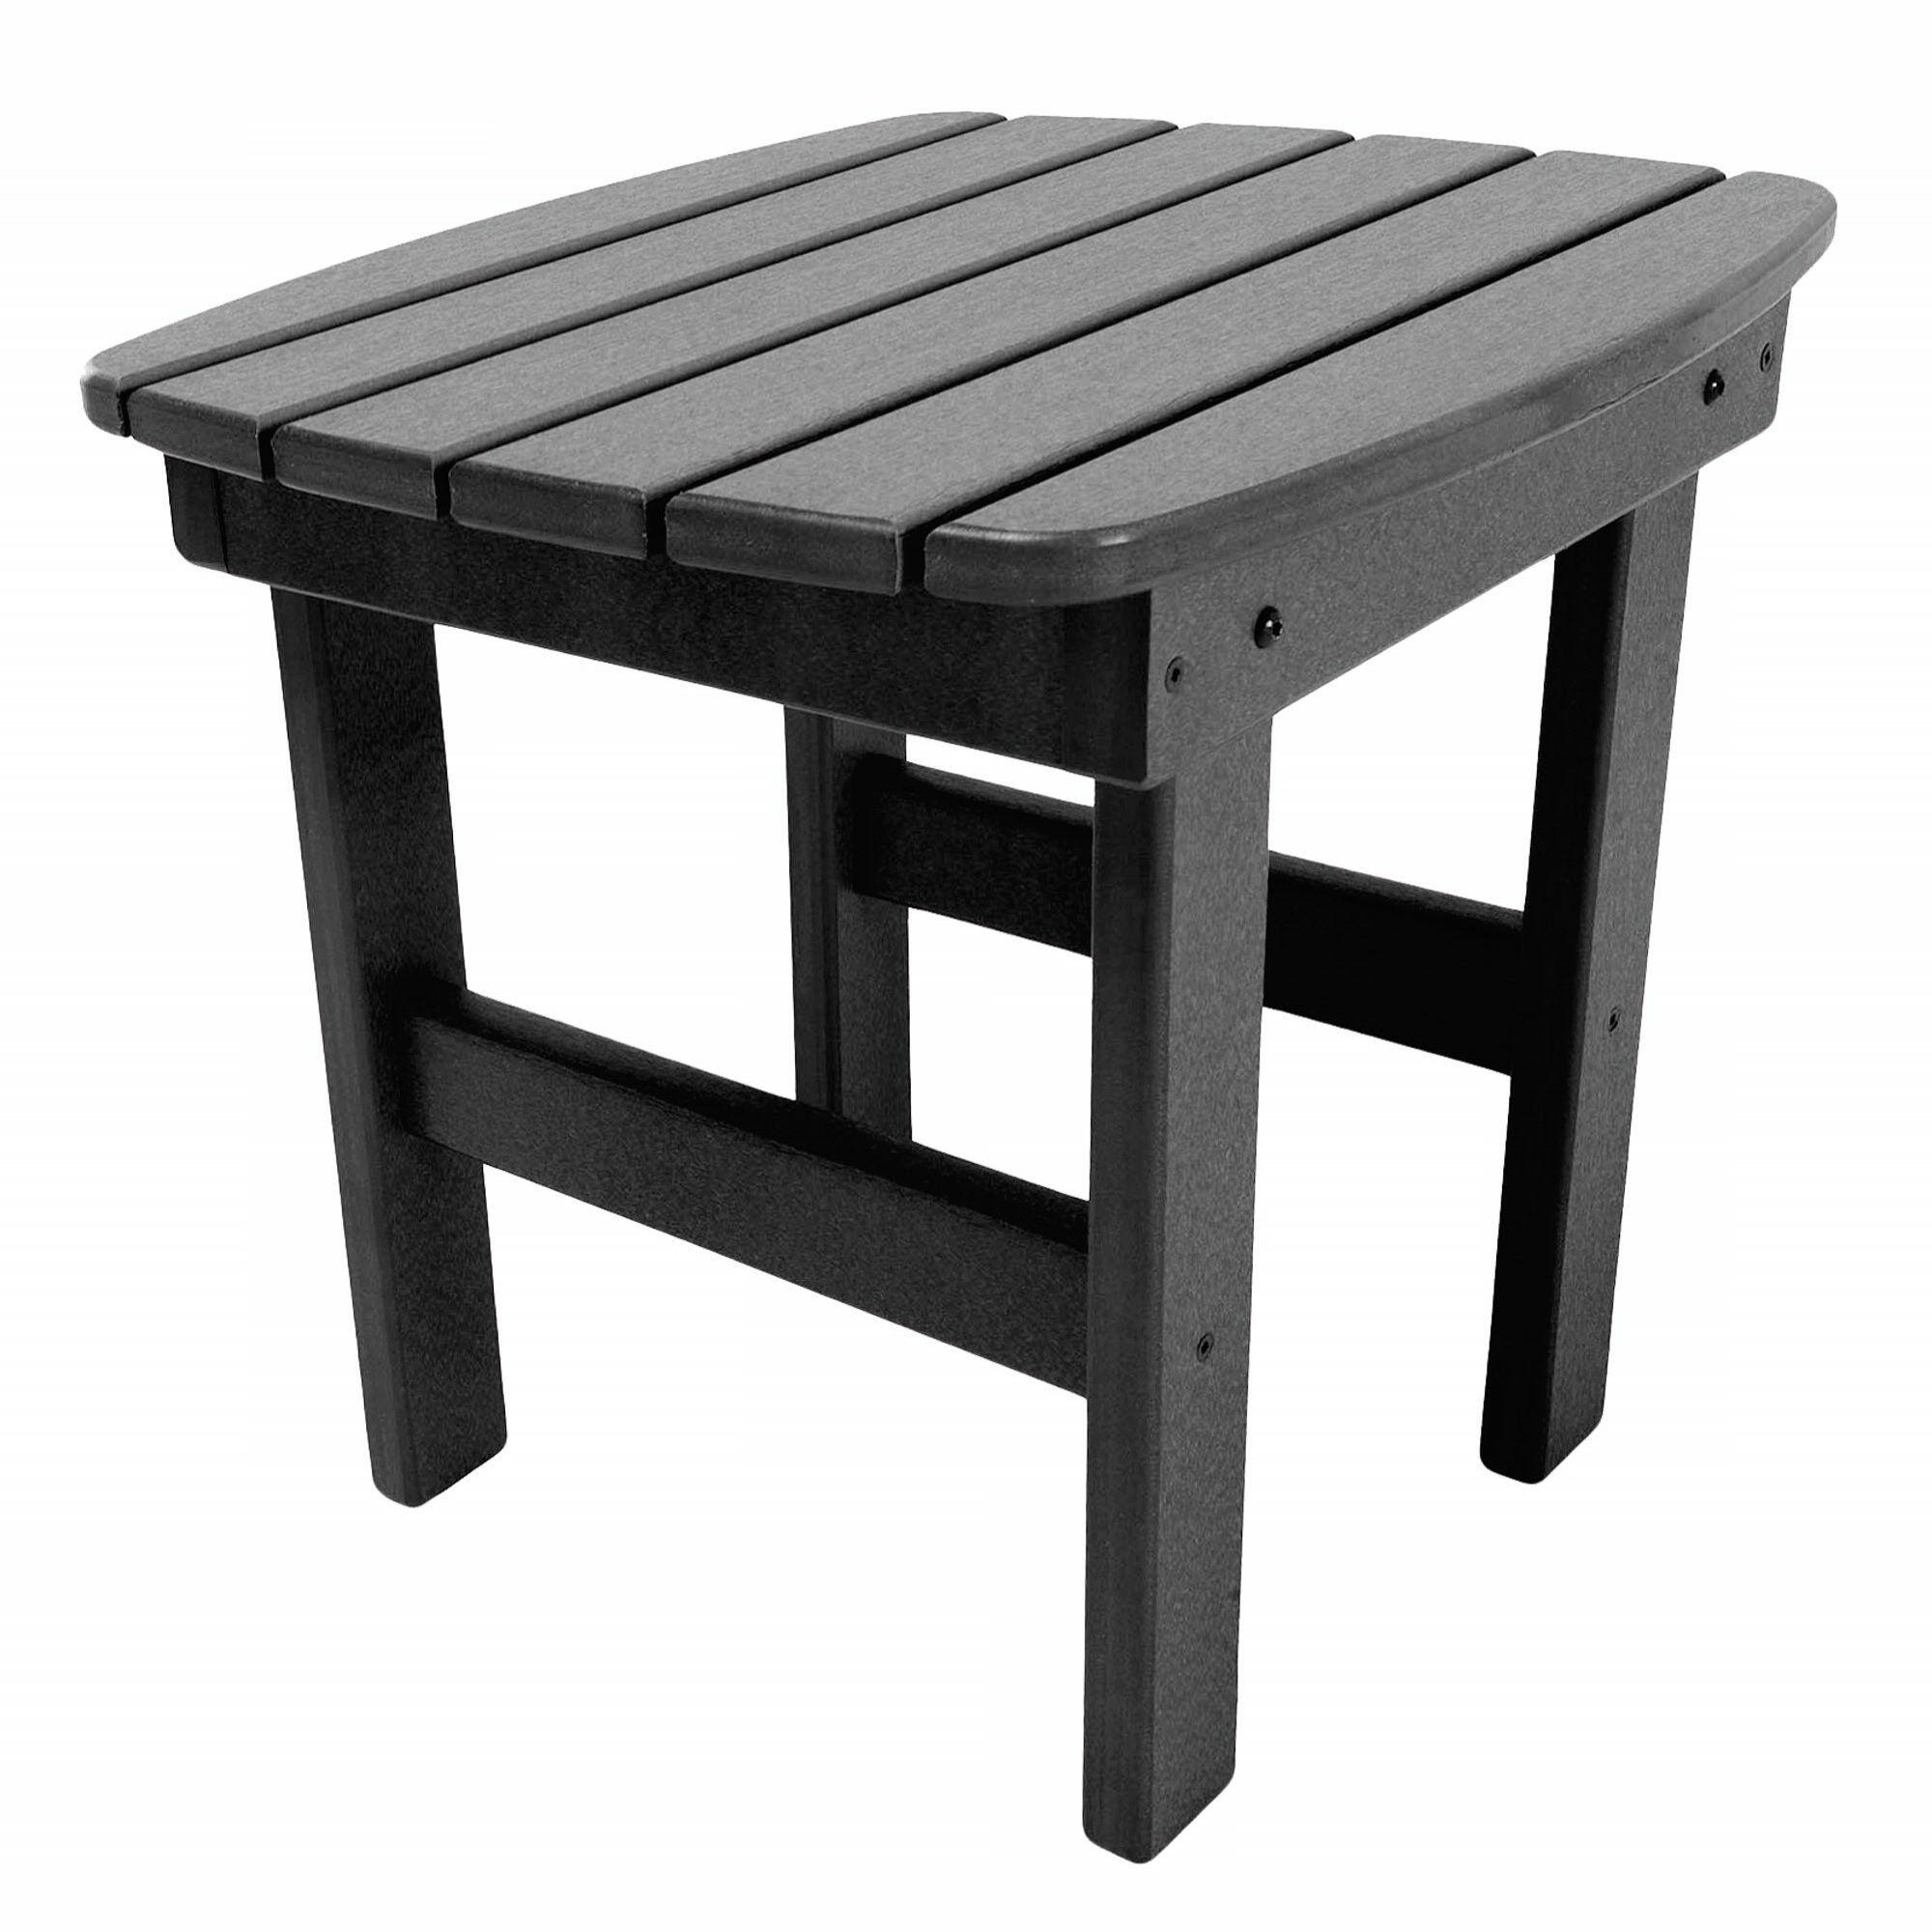 Jaune Side Table Finish: Black